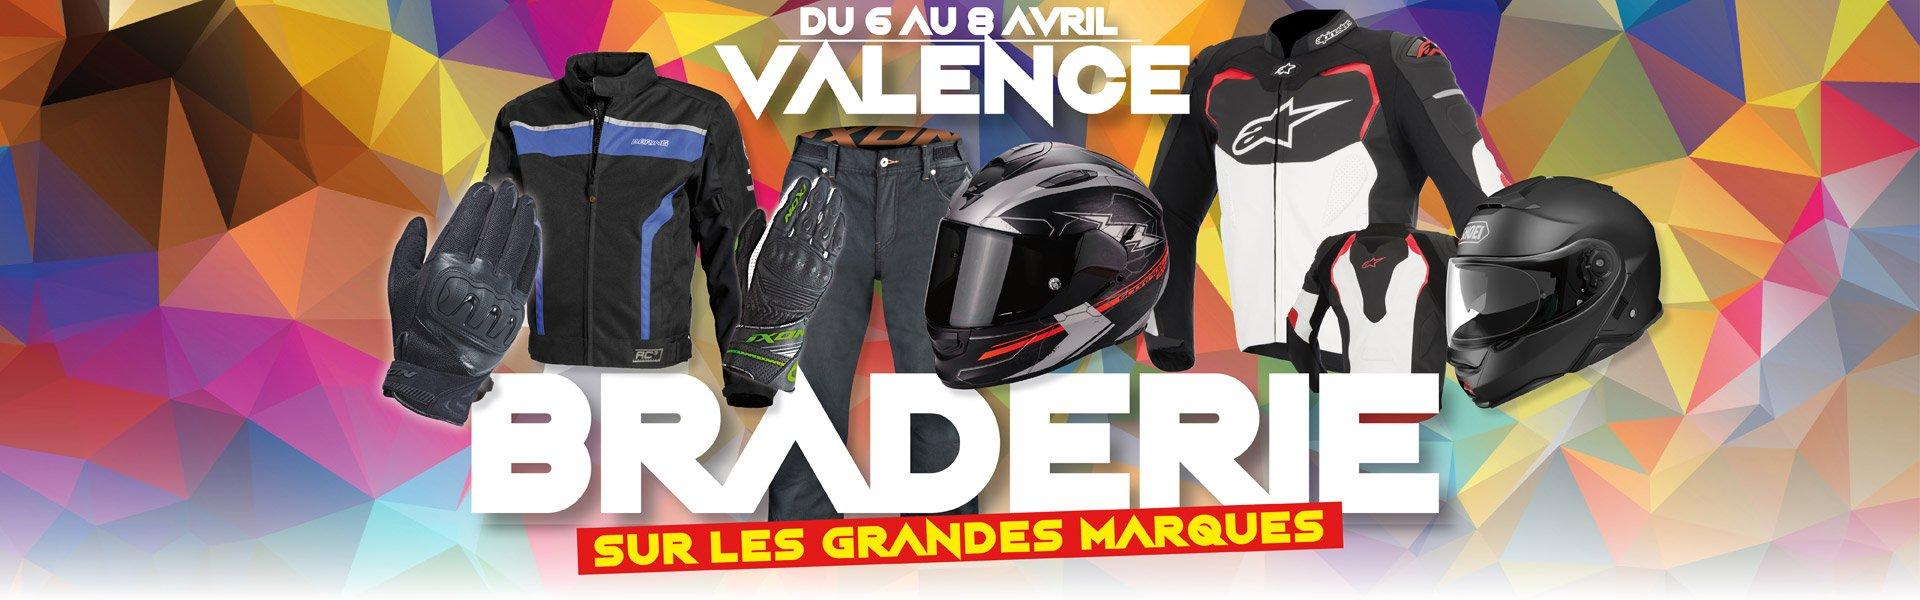 Braderie Cardy Valence 2018